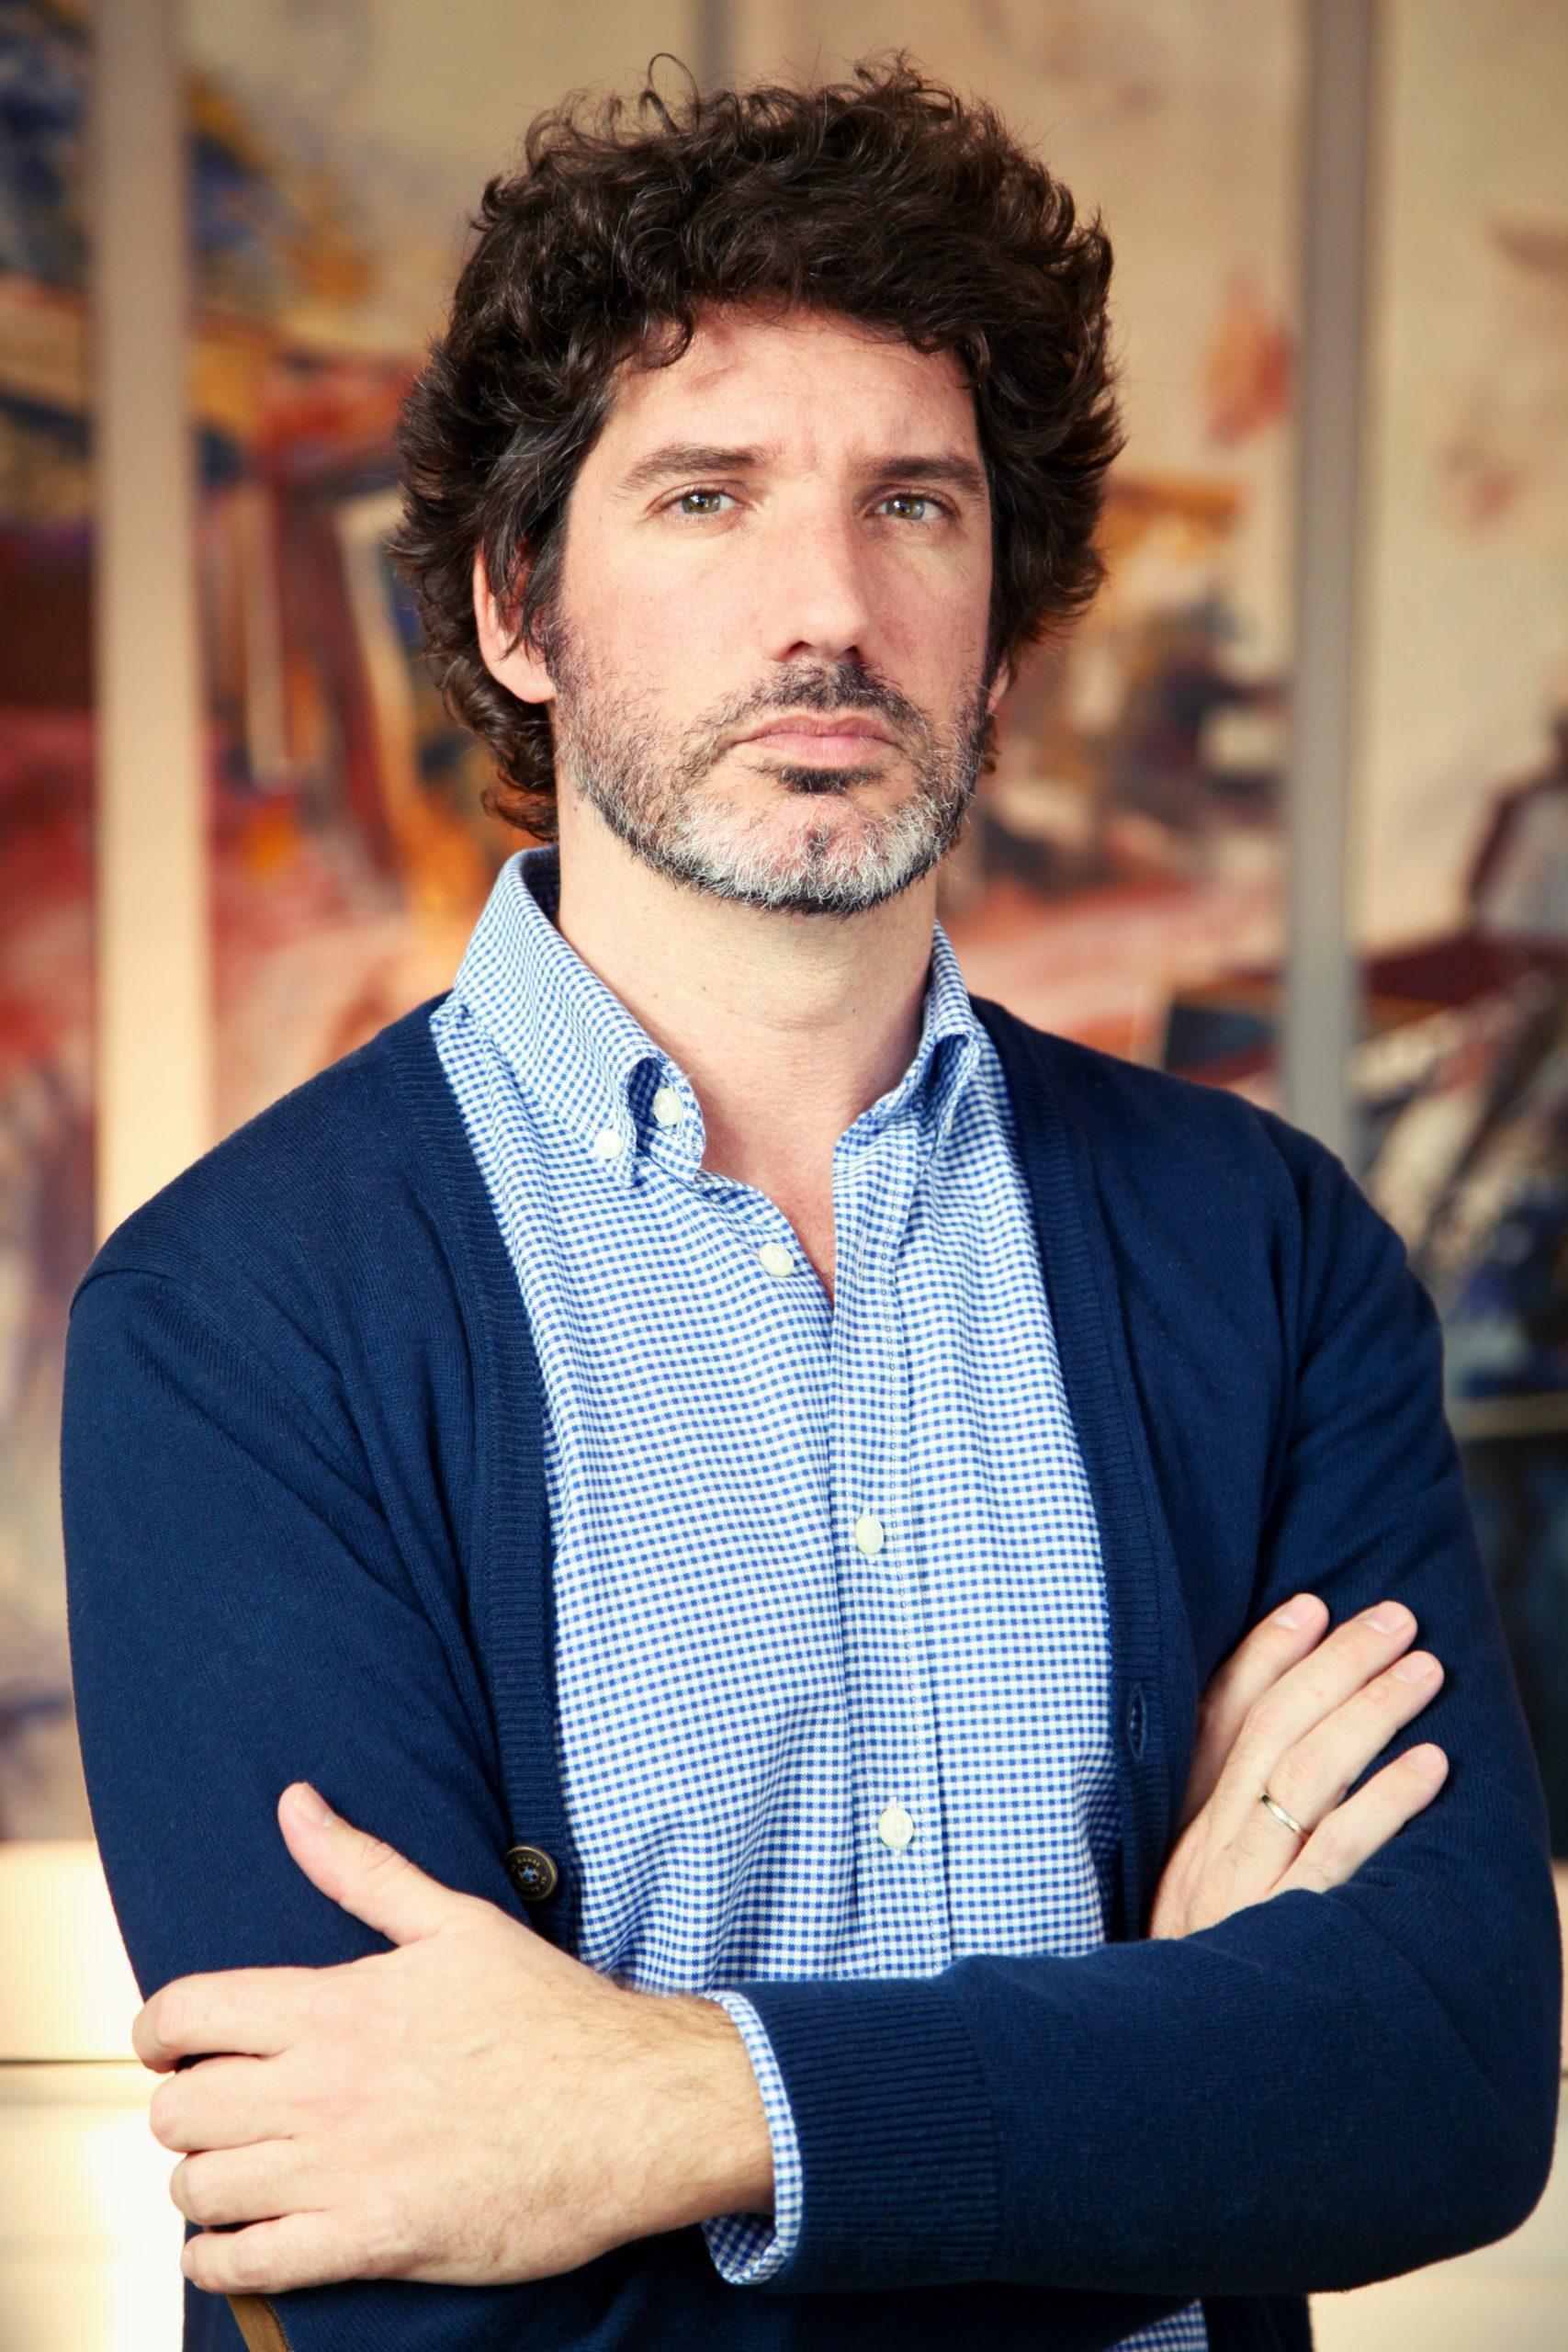 IN CONVERSATION WITH CARLOS ÁLVAREZ LÓPEZ